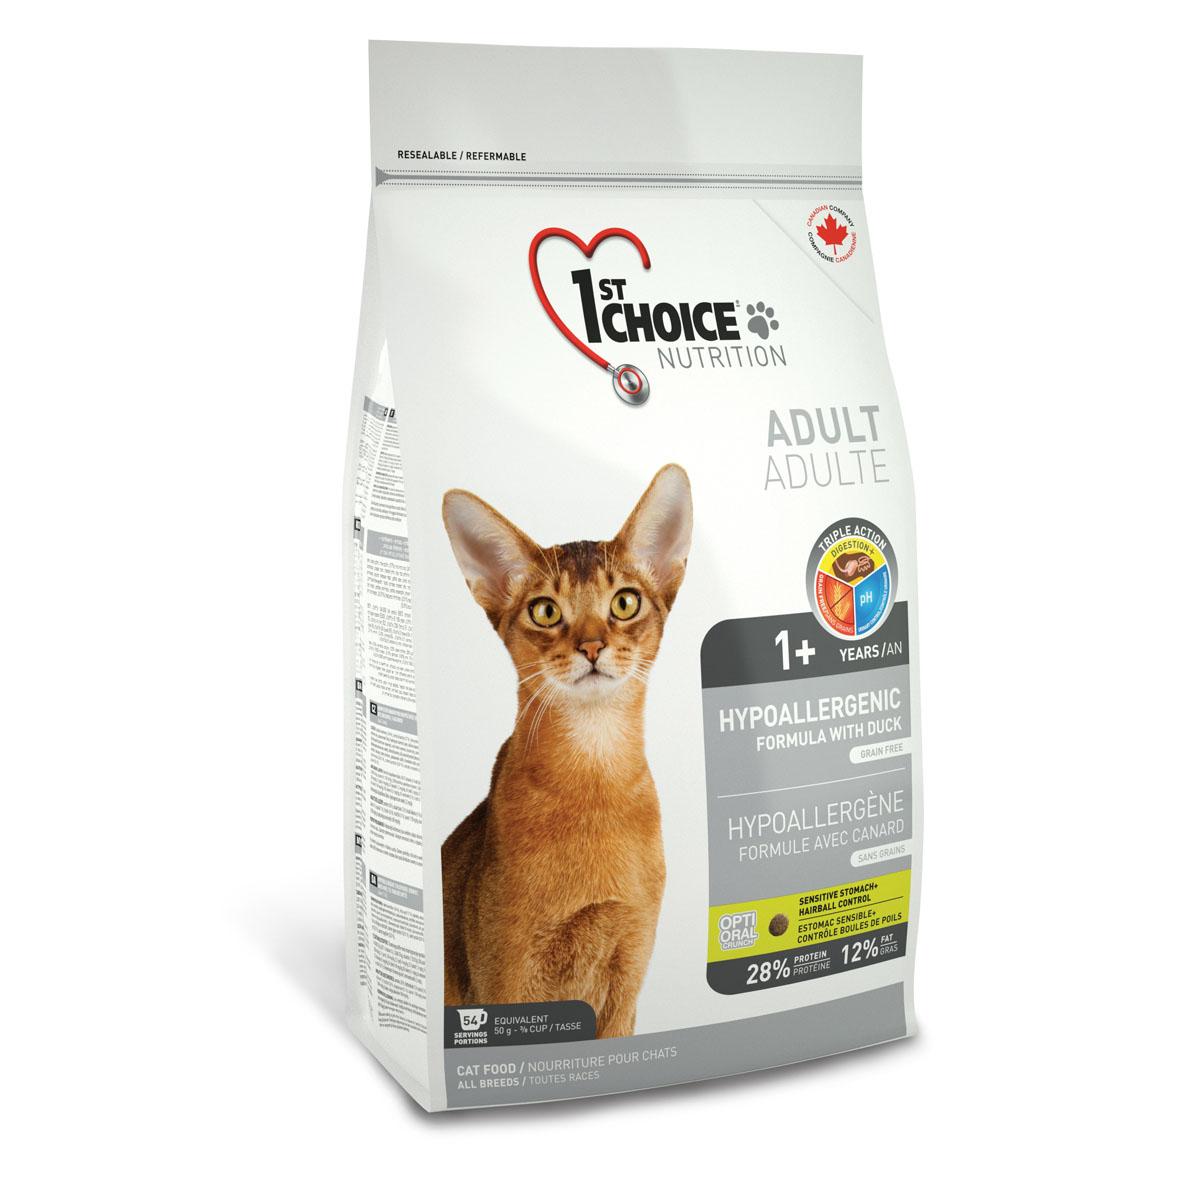 Корм сухой 1st Choice Adult для взрослых кошек, гипоаллергенный, беззерновой, с уткой и картофелем, 350 г